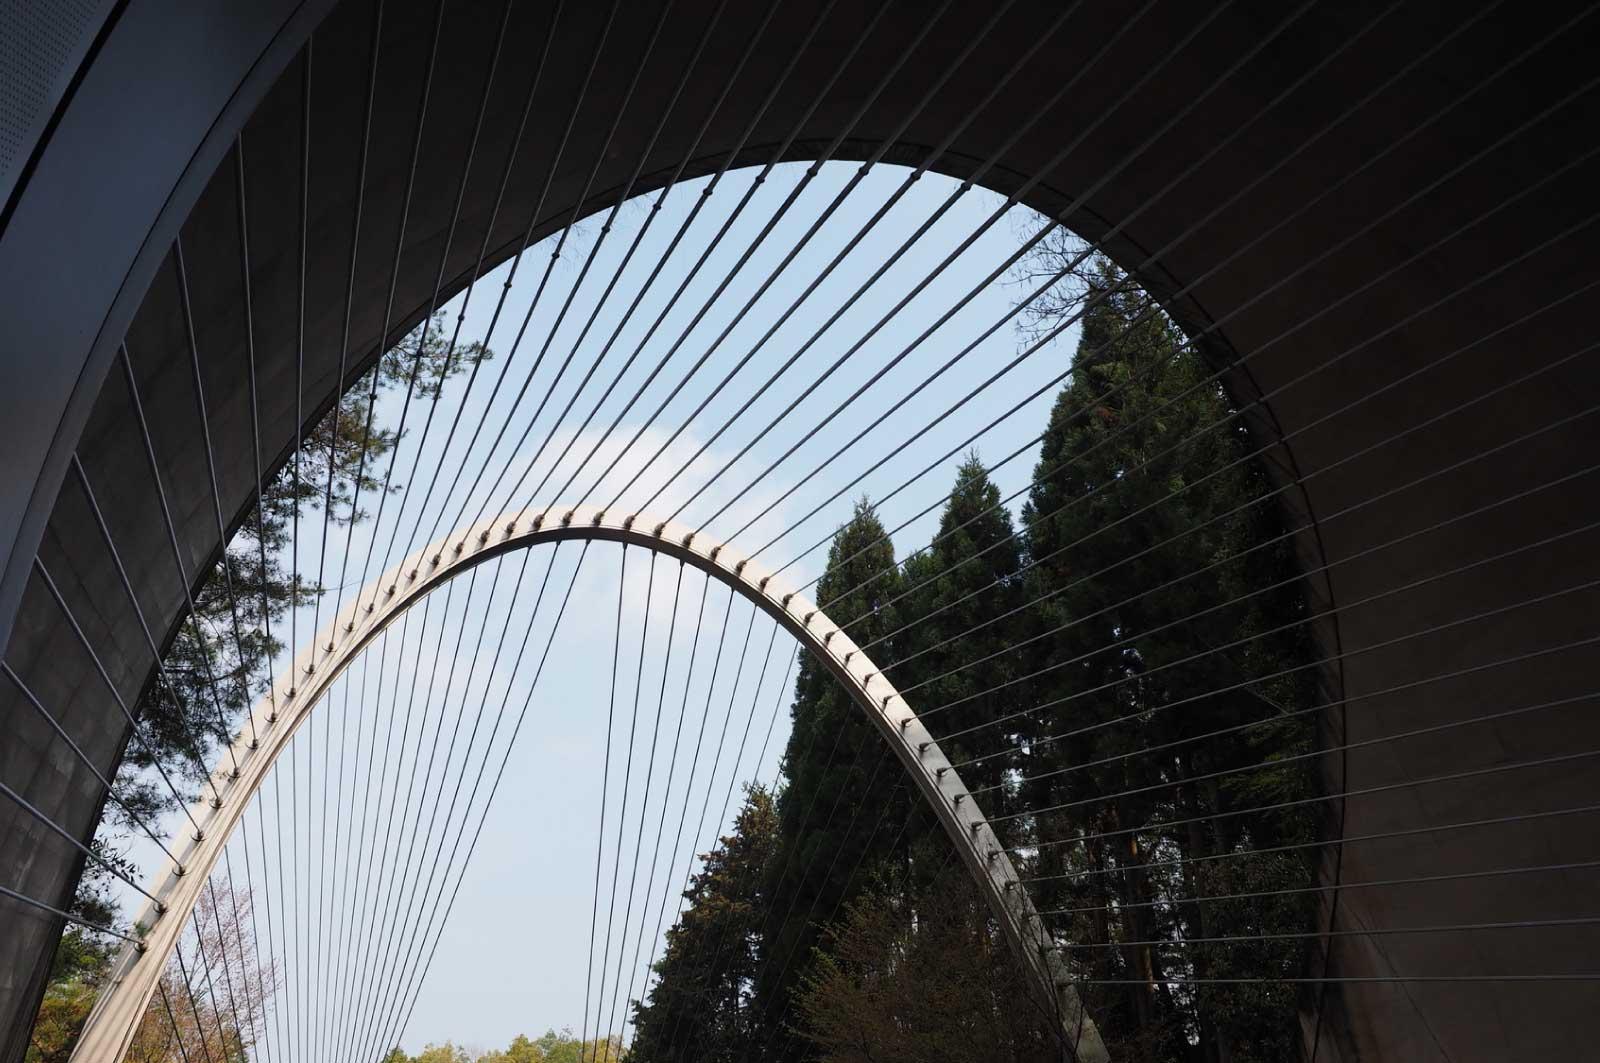 造形が特徴的なミホミュージアムのトンネル